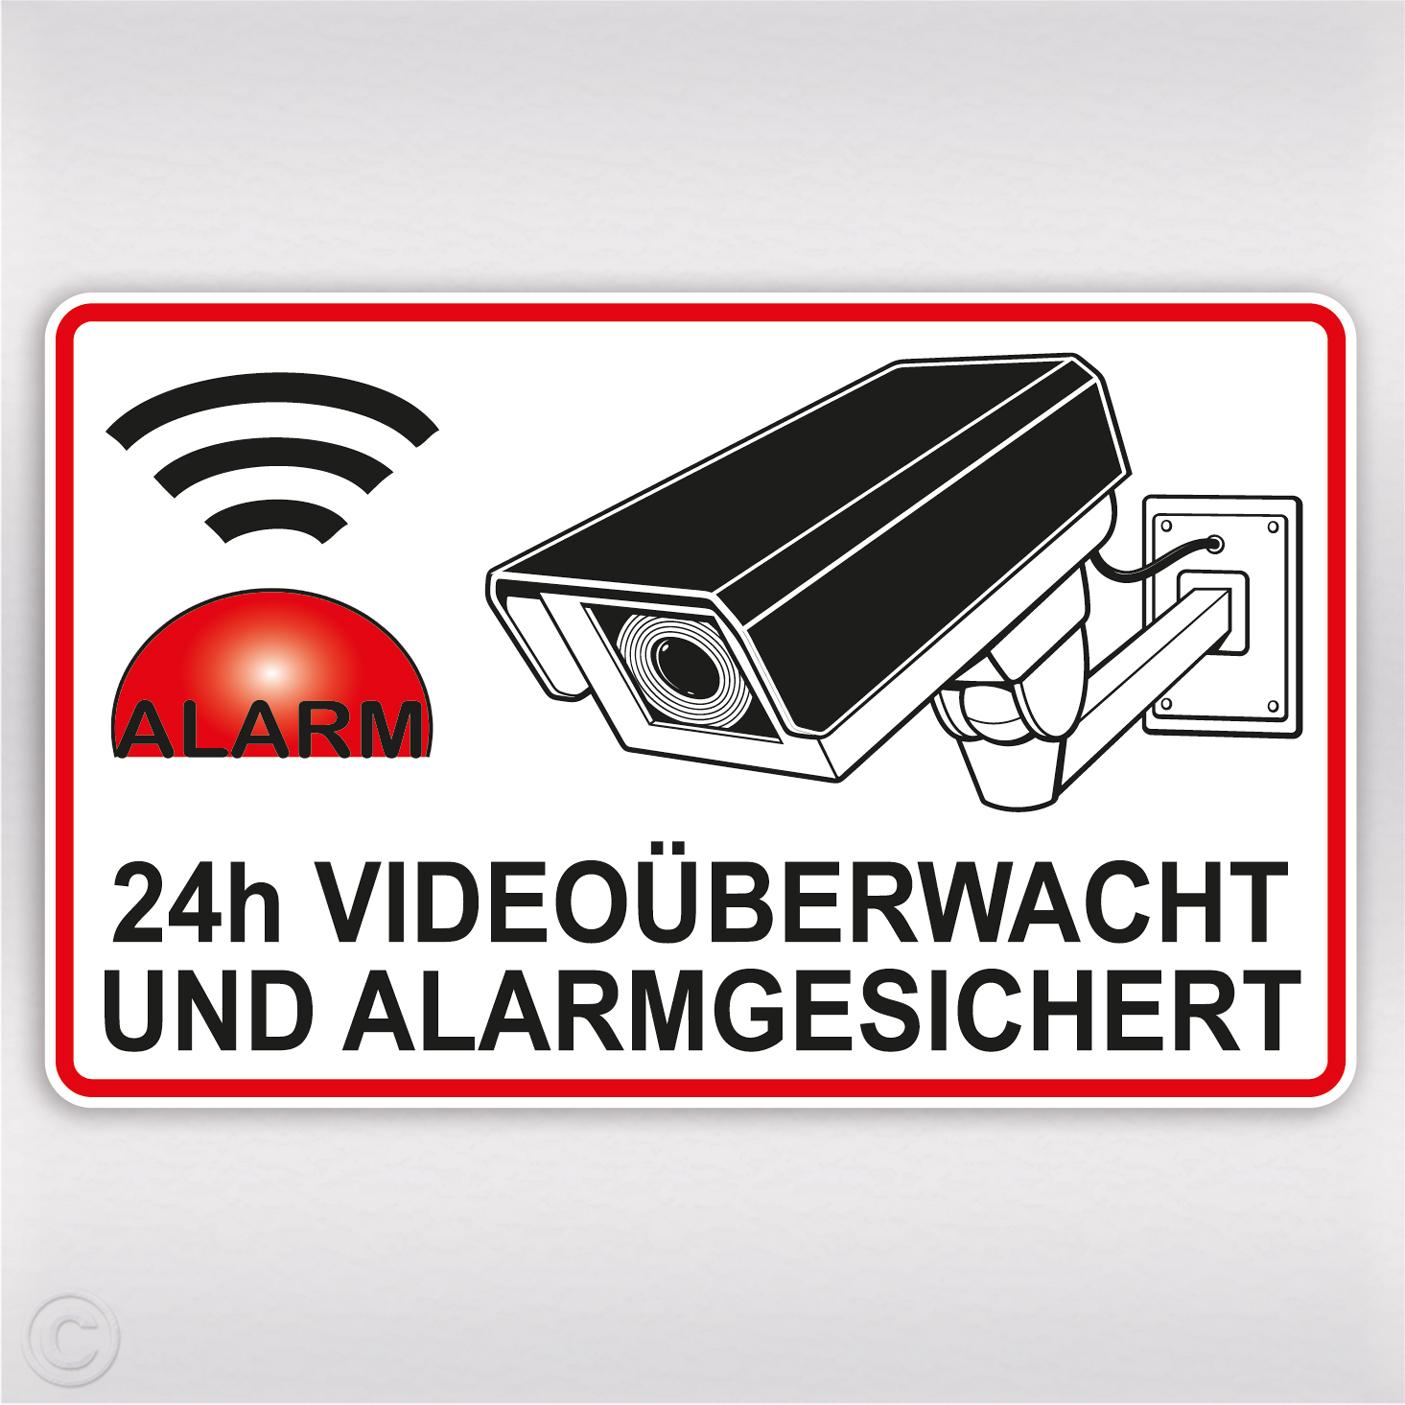 video berwachung aufkleber alarmgesichert mit kamera und. Black Bedroom Furniture Sets. Home Design Ideas